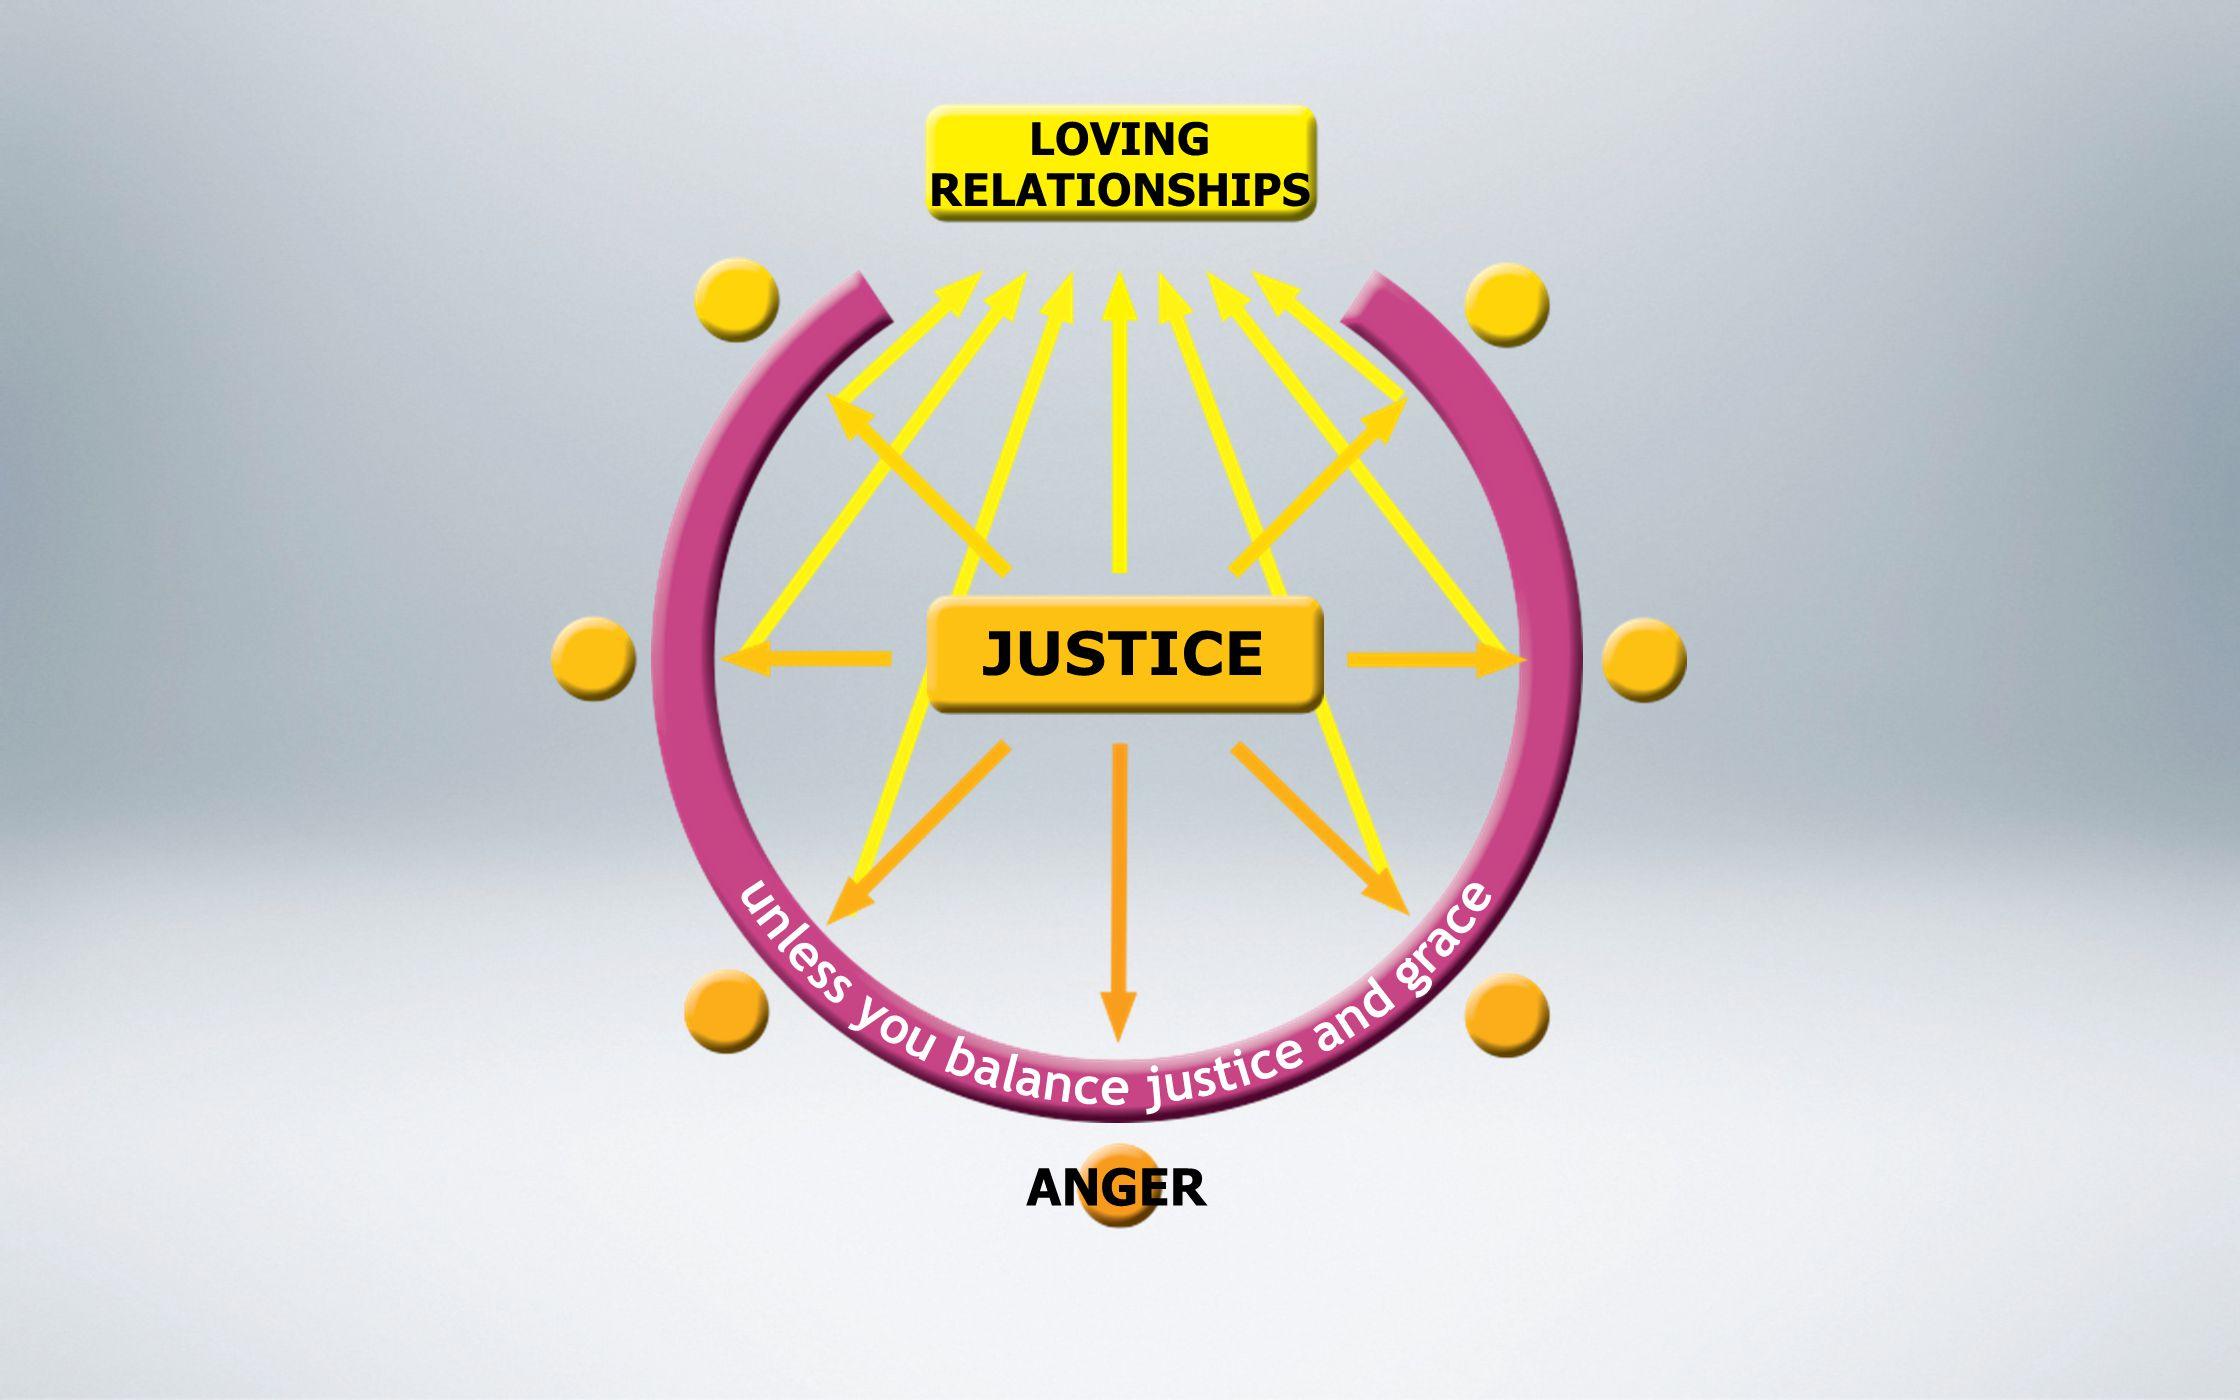 LOVING RELATIONSHIPS ANGER JUSTICE